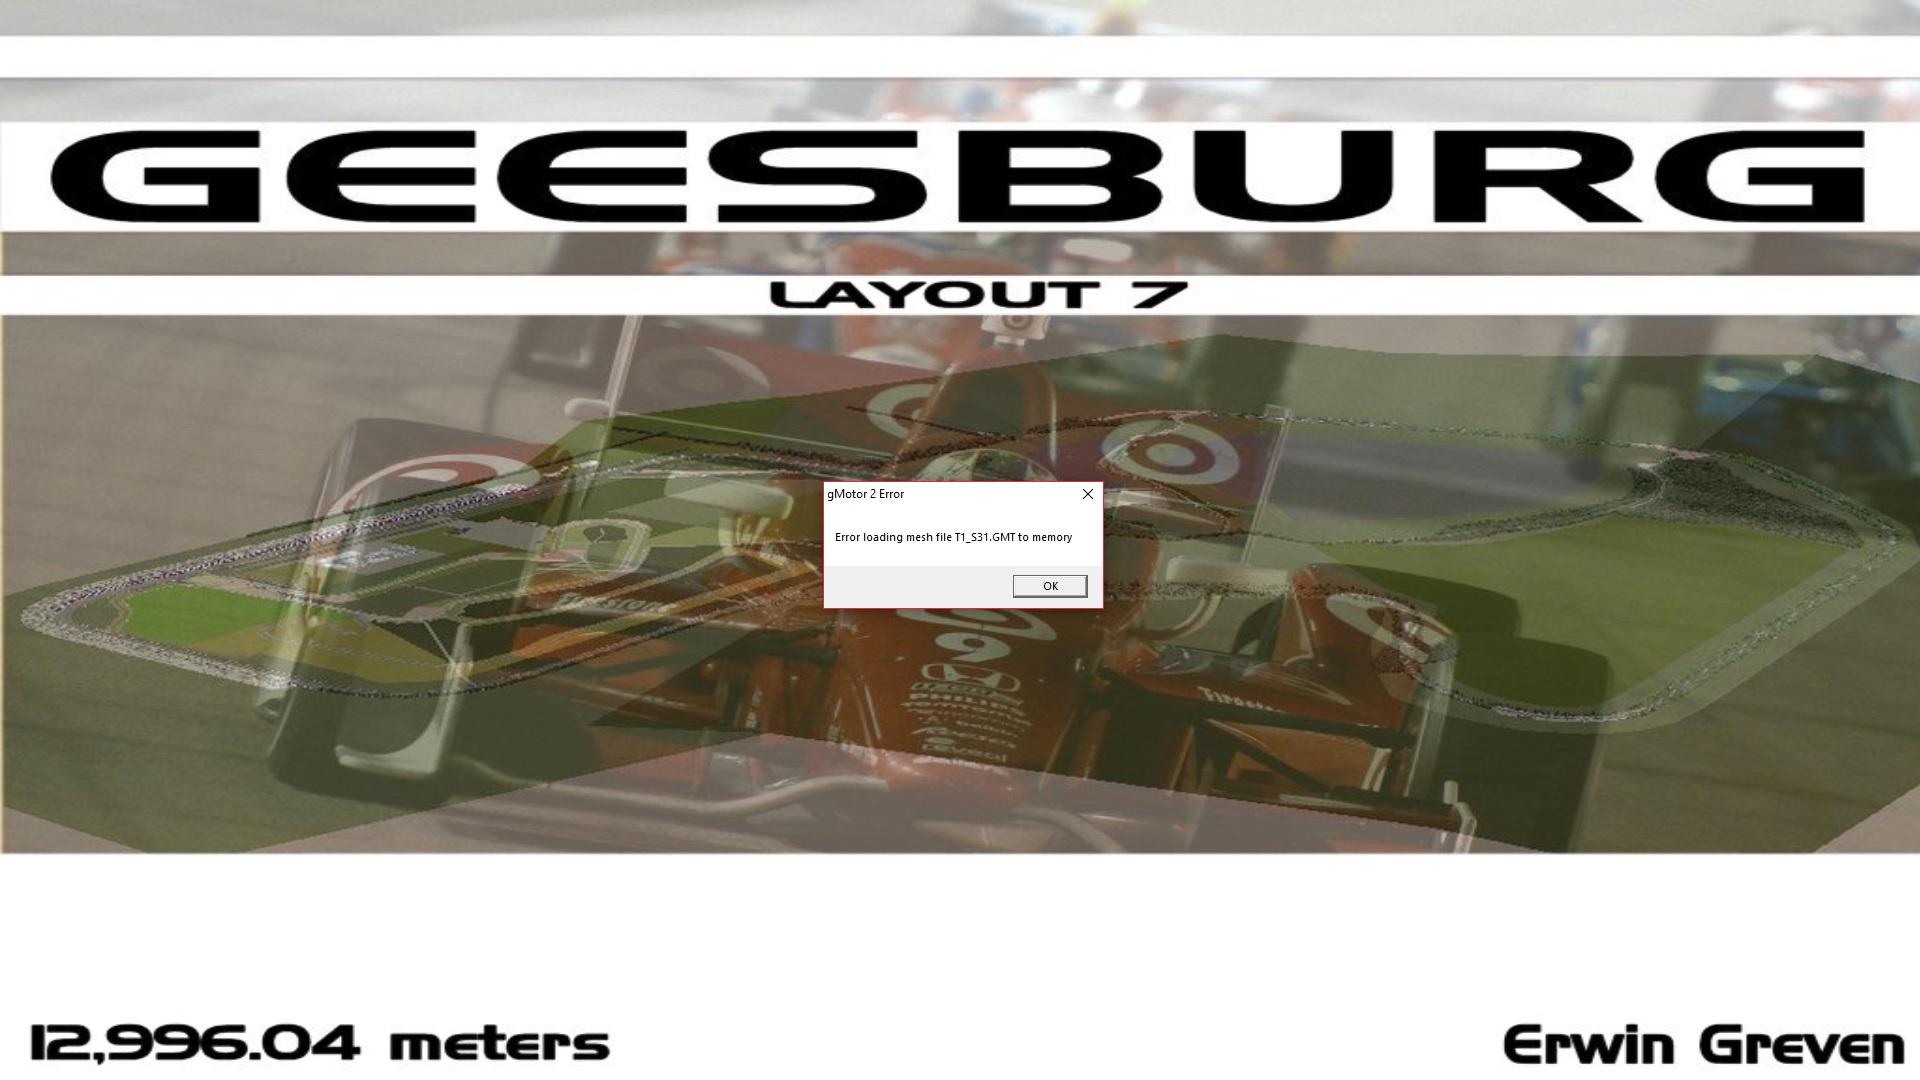 rFactor Geesburg Error.jpg